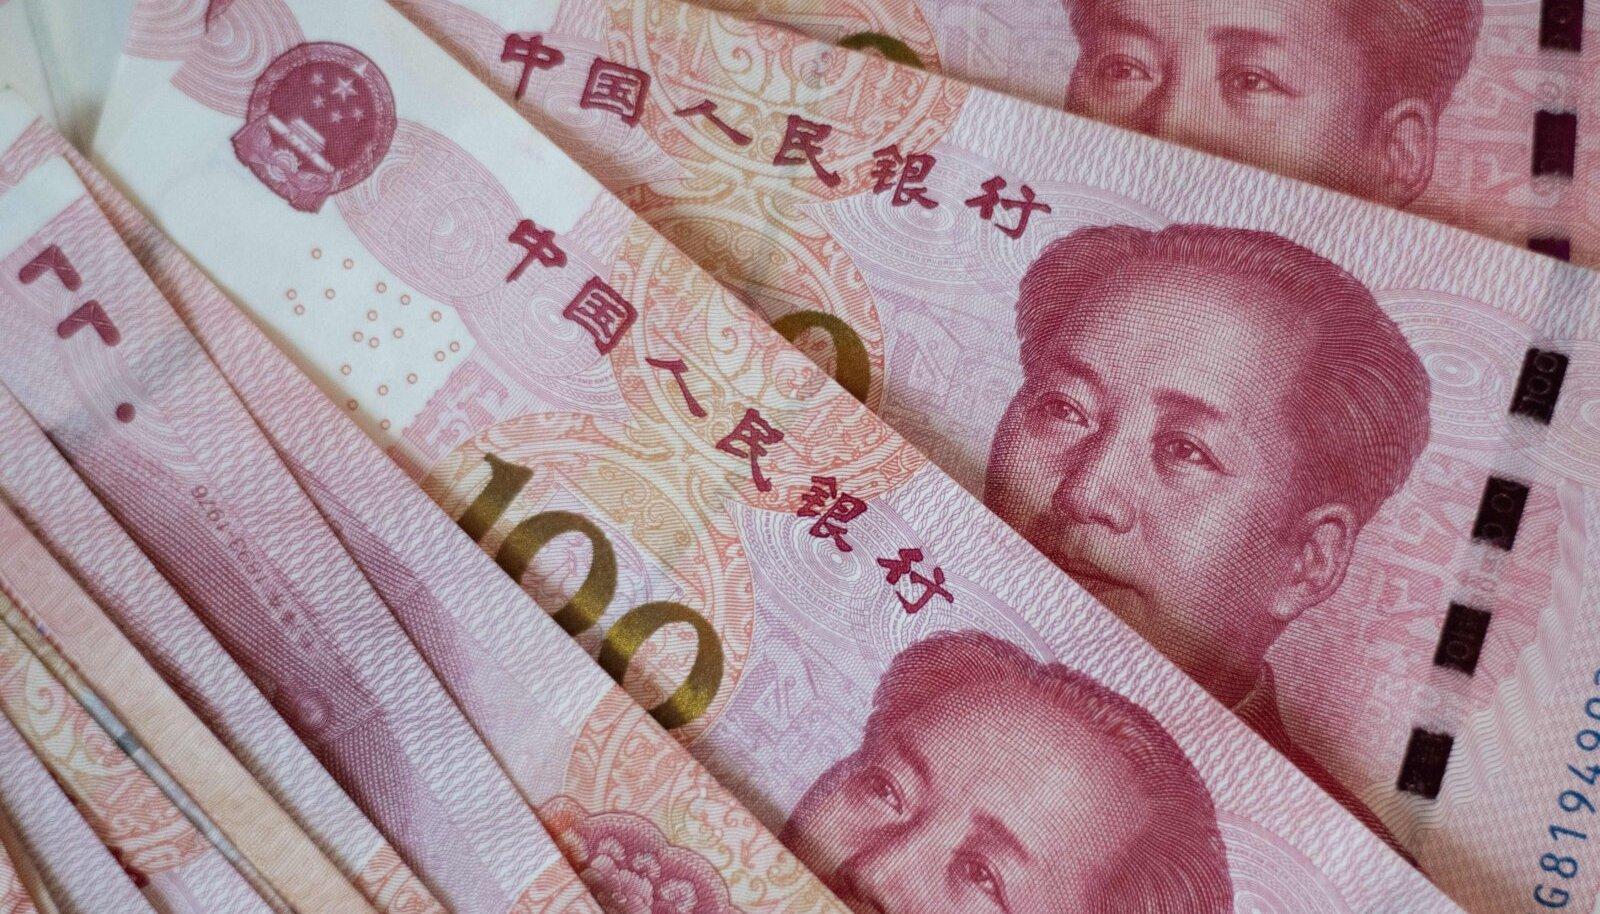 Hiina raha